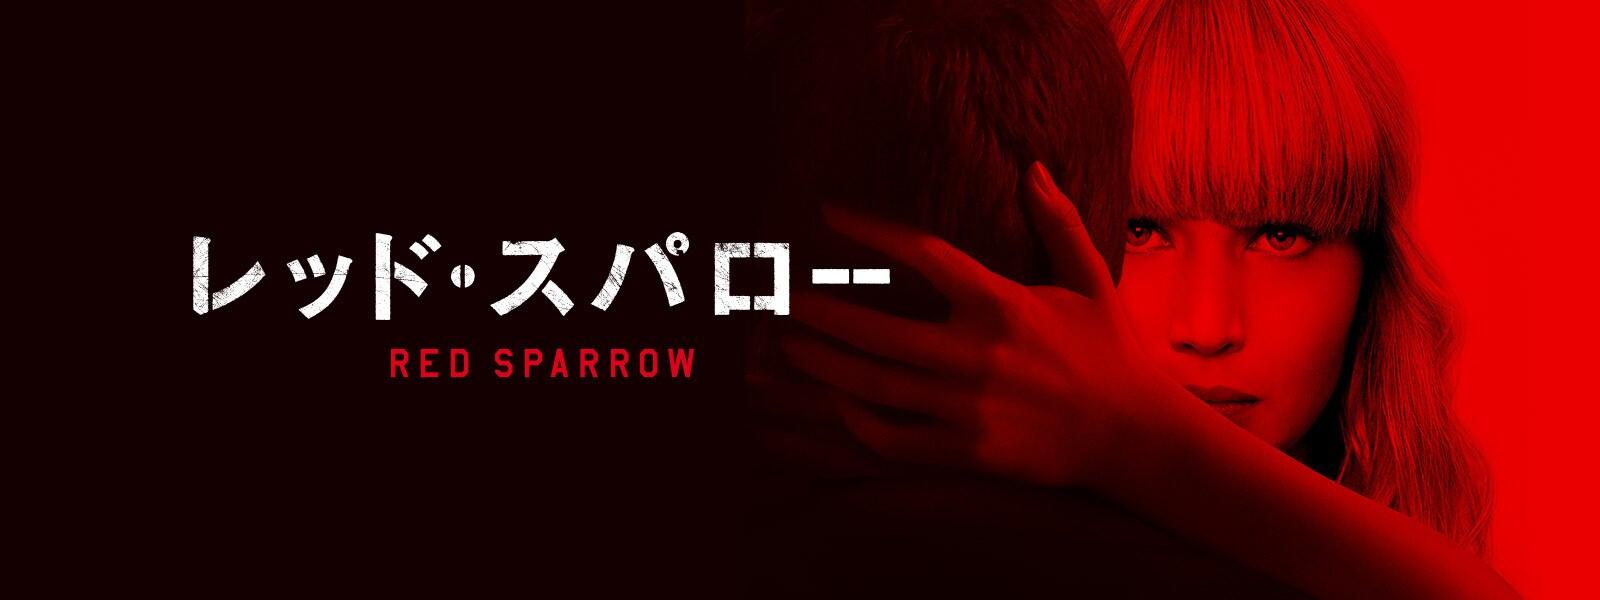 レッド・スパロー Red Sparrow Hero